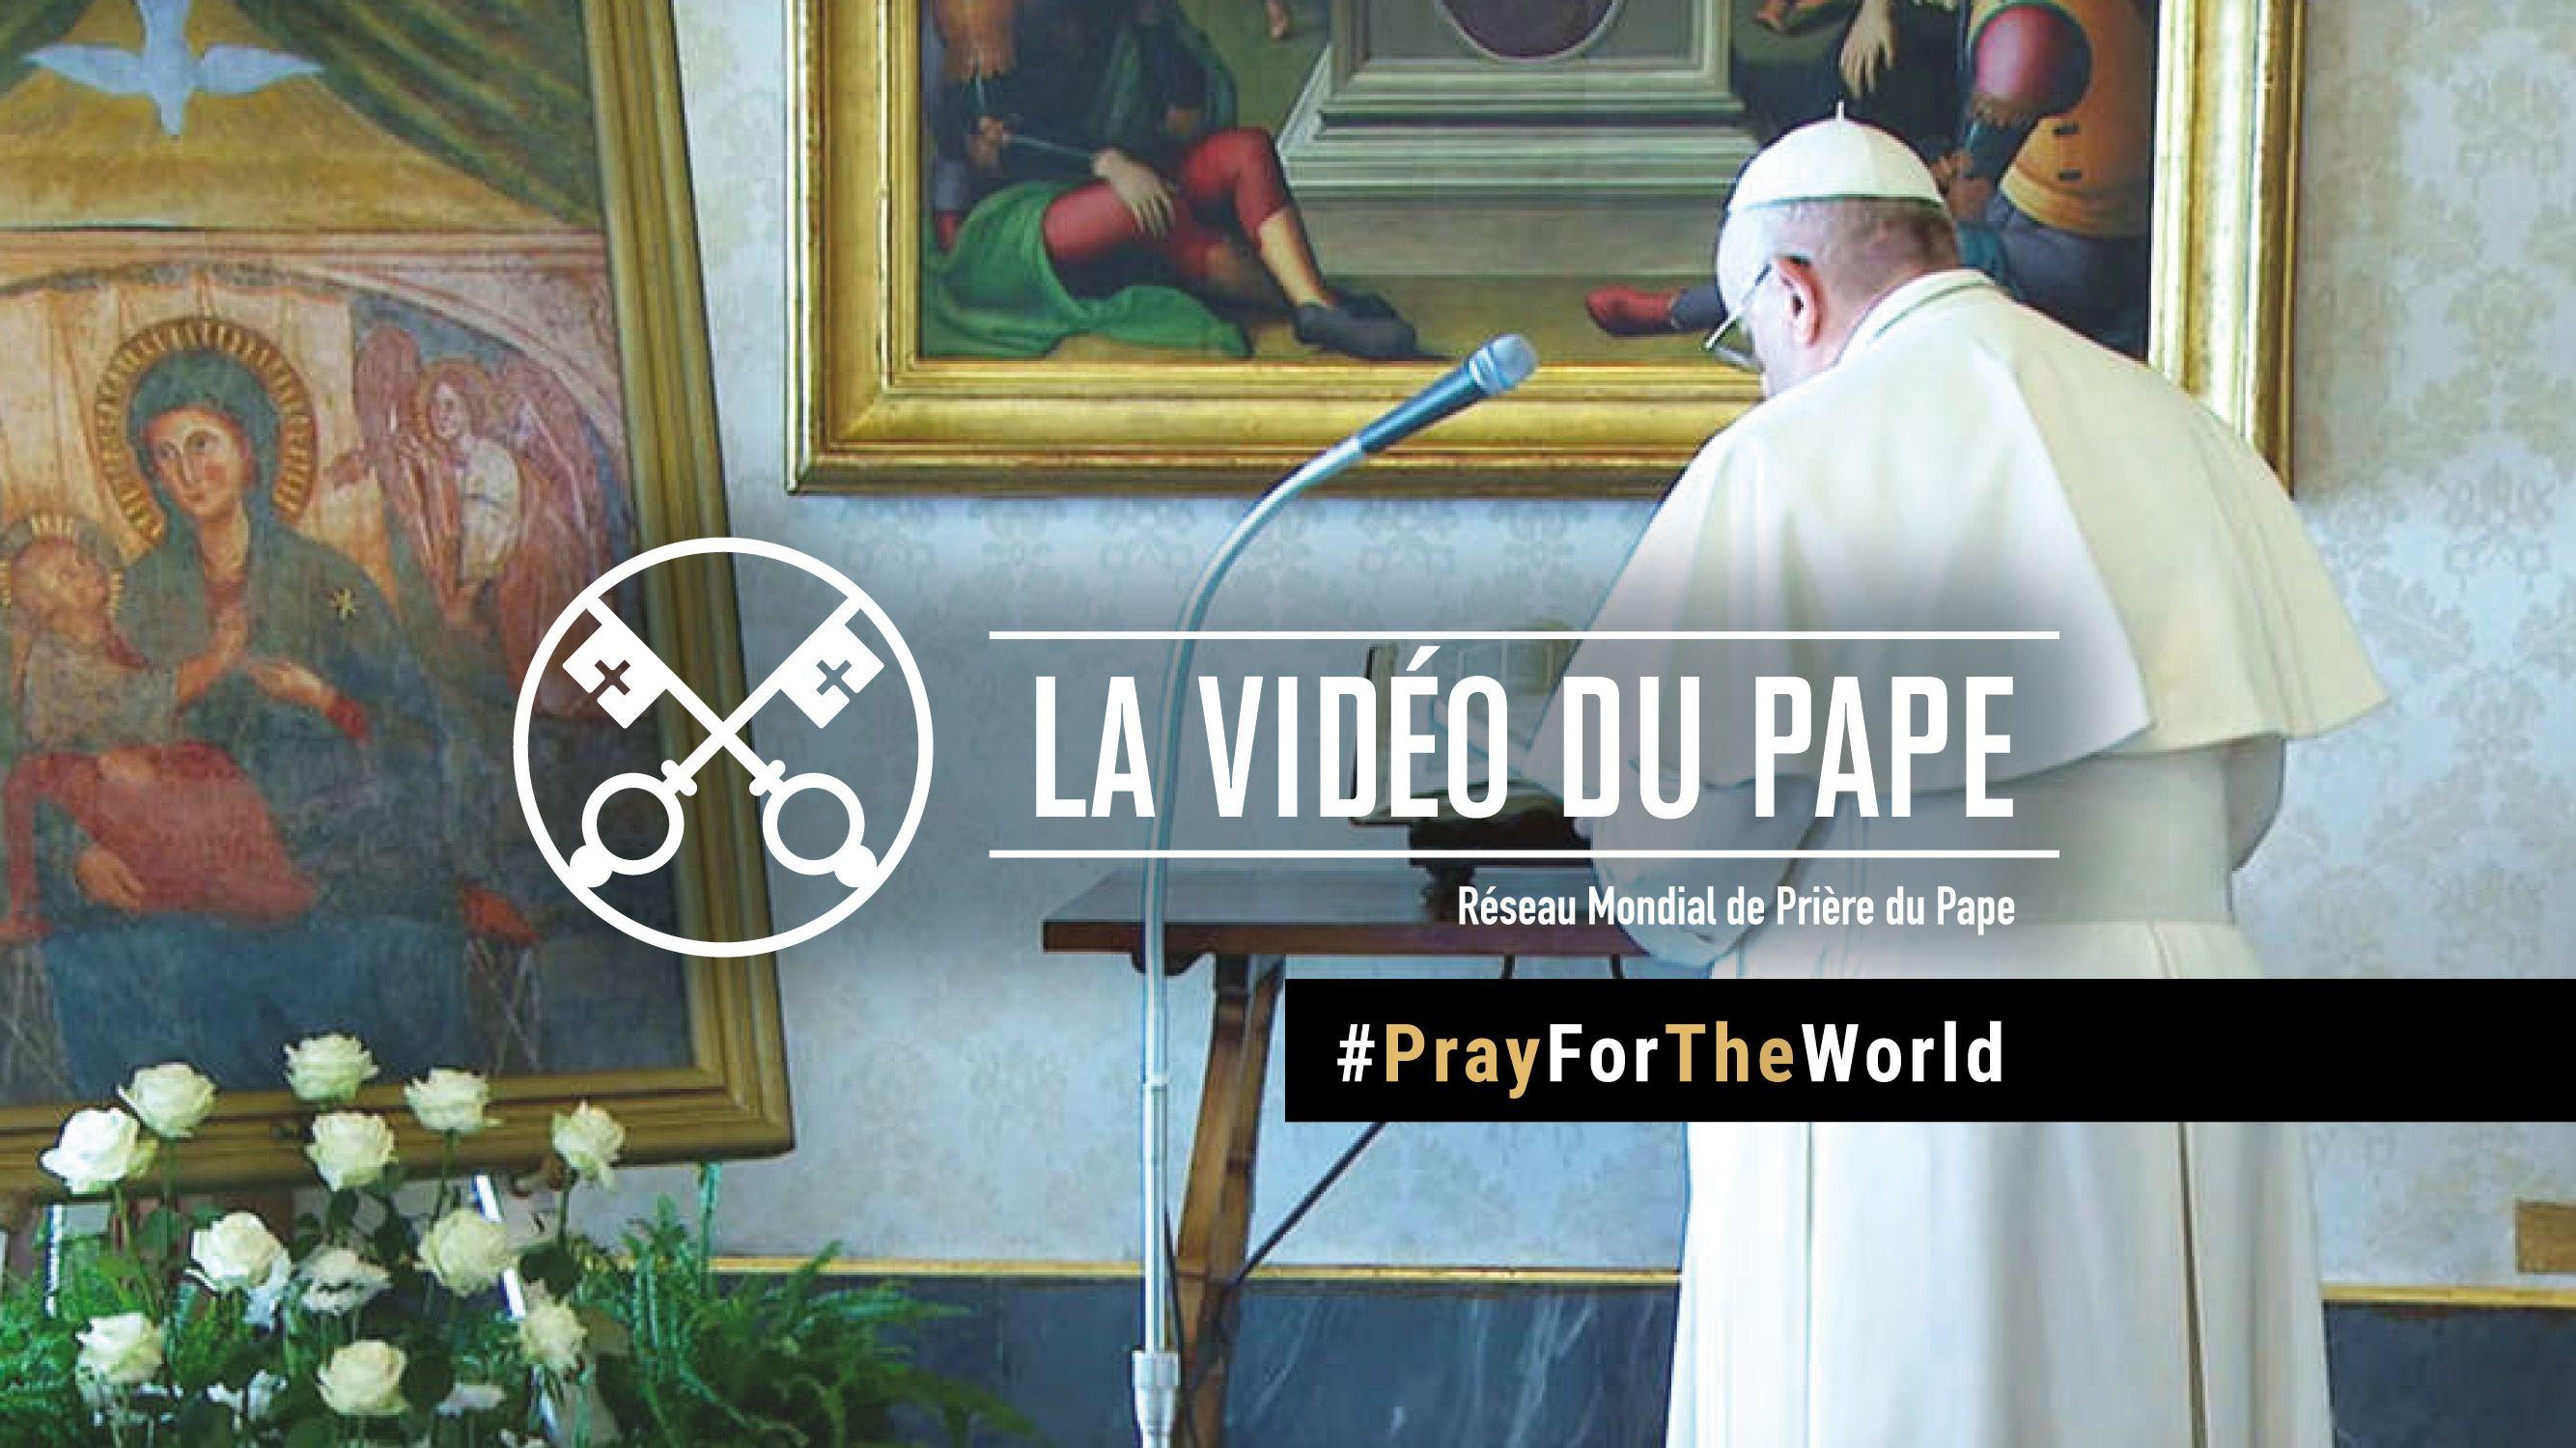 Official Image - TPV PFTW 2020 FR - La Video du Pape - #PrayForTheWorld